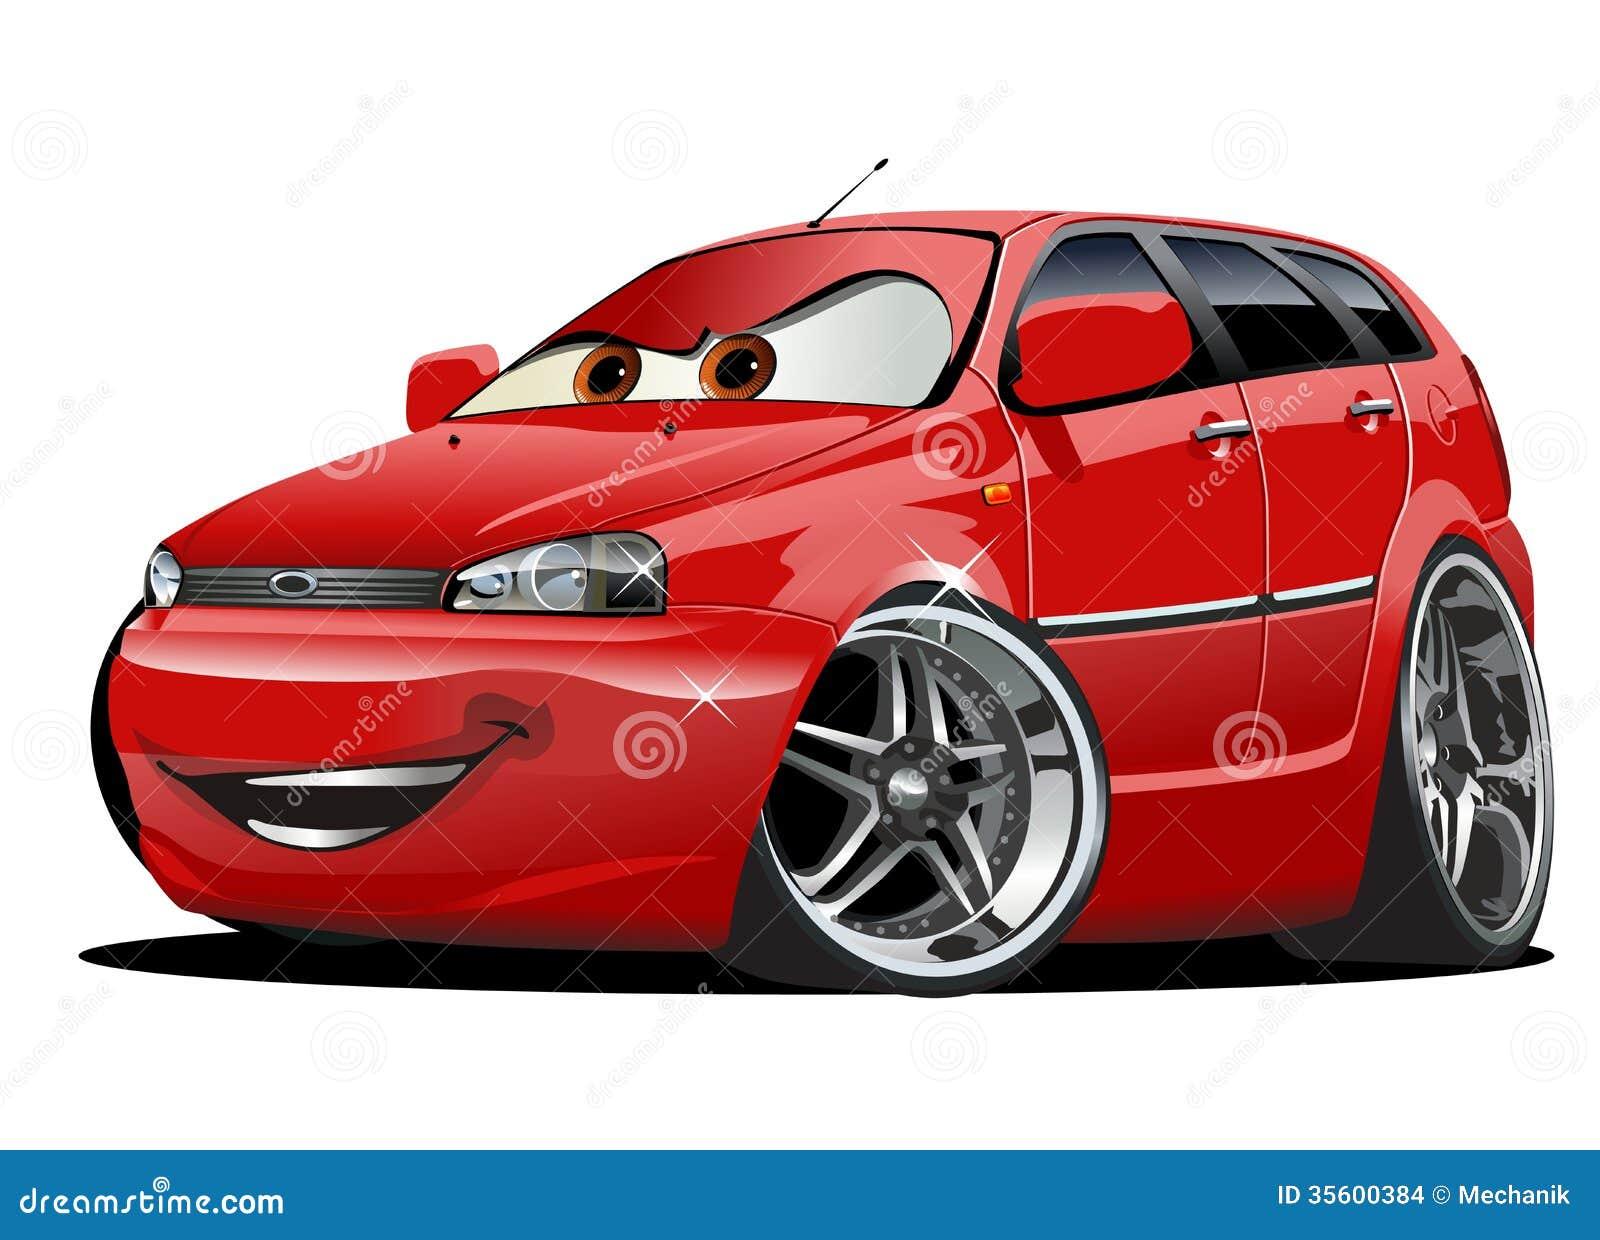 Cartoon Sport Car Drawings